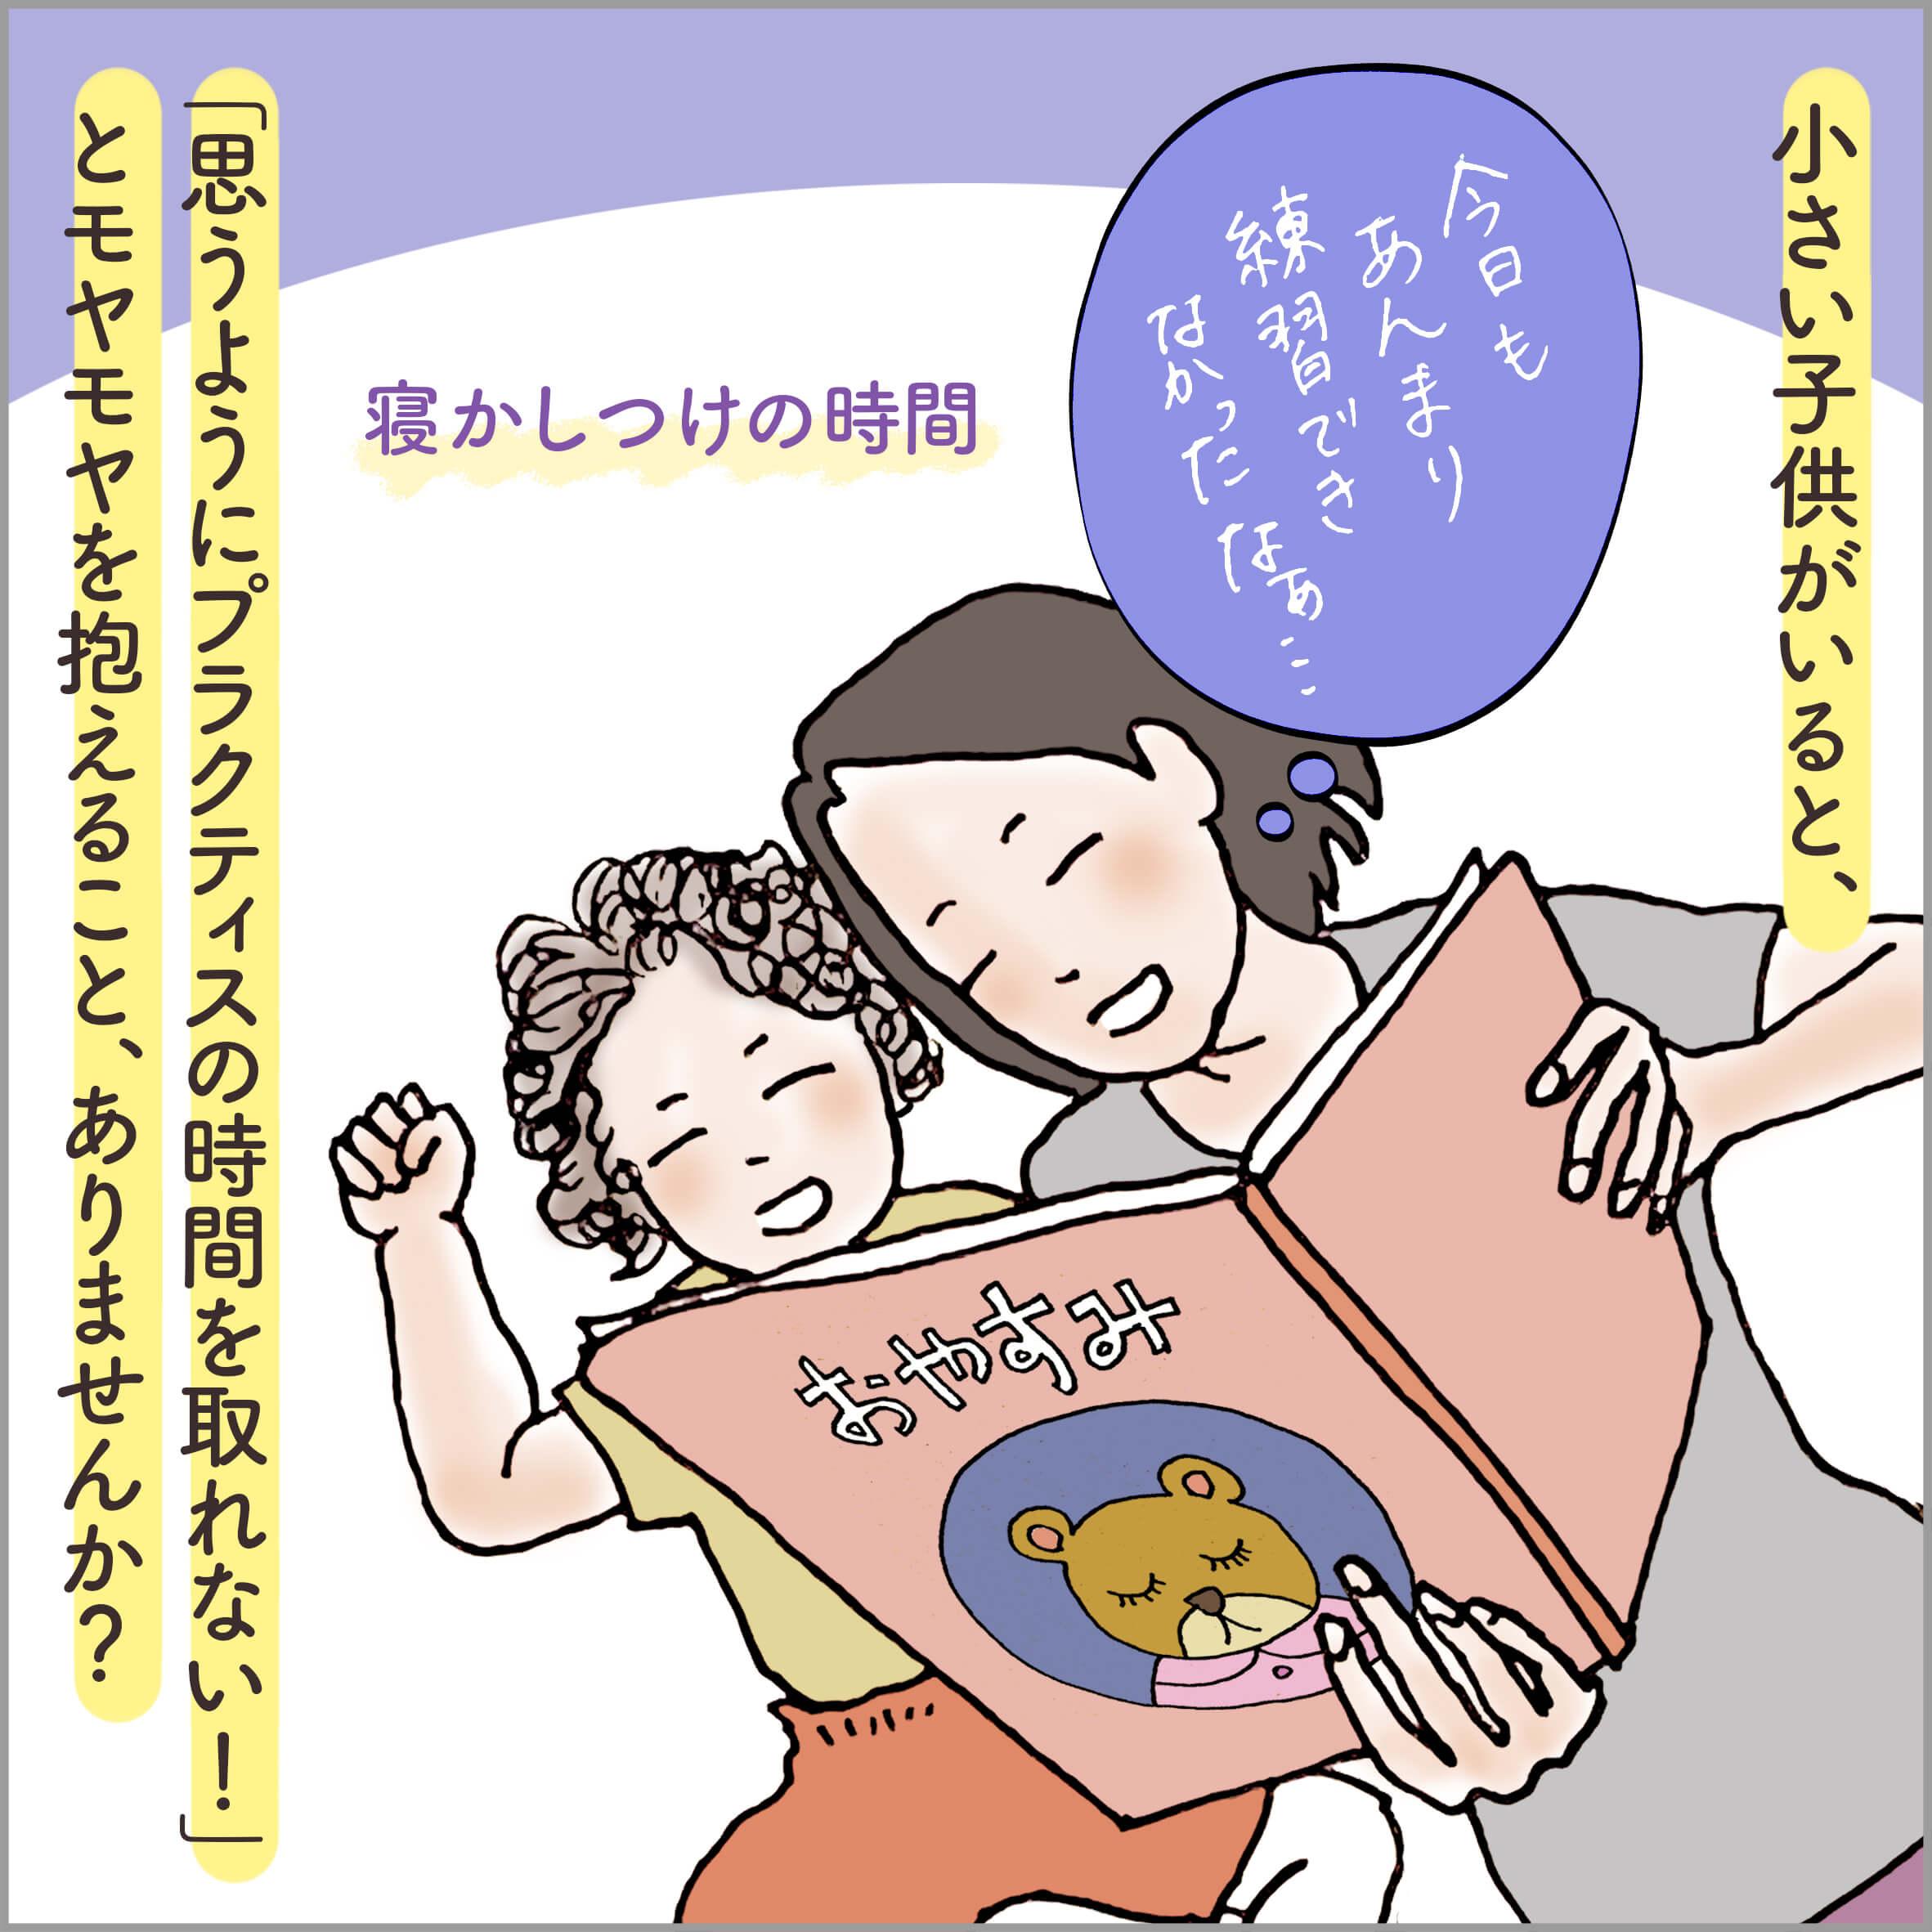 仰向けで絵本を読む親子